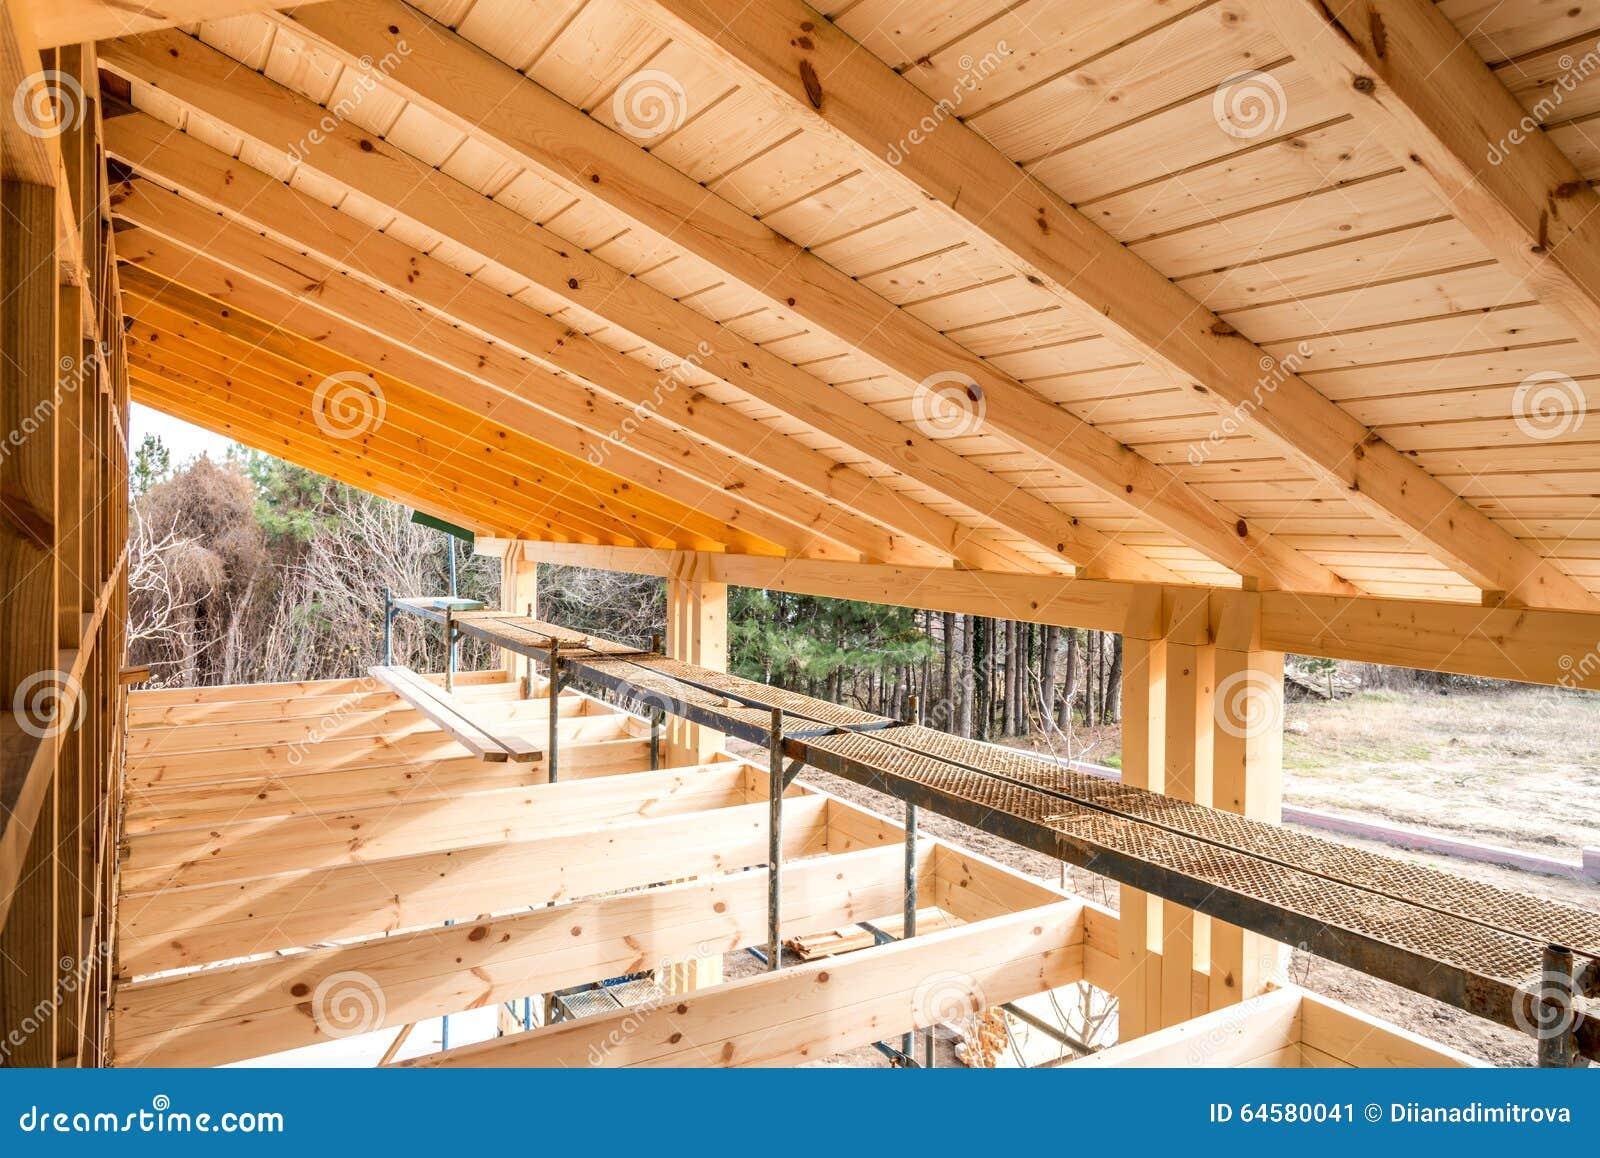 Een Nieuw Huis : Houten frame van een nieuw huis in aanbouw stock afbeelding